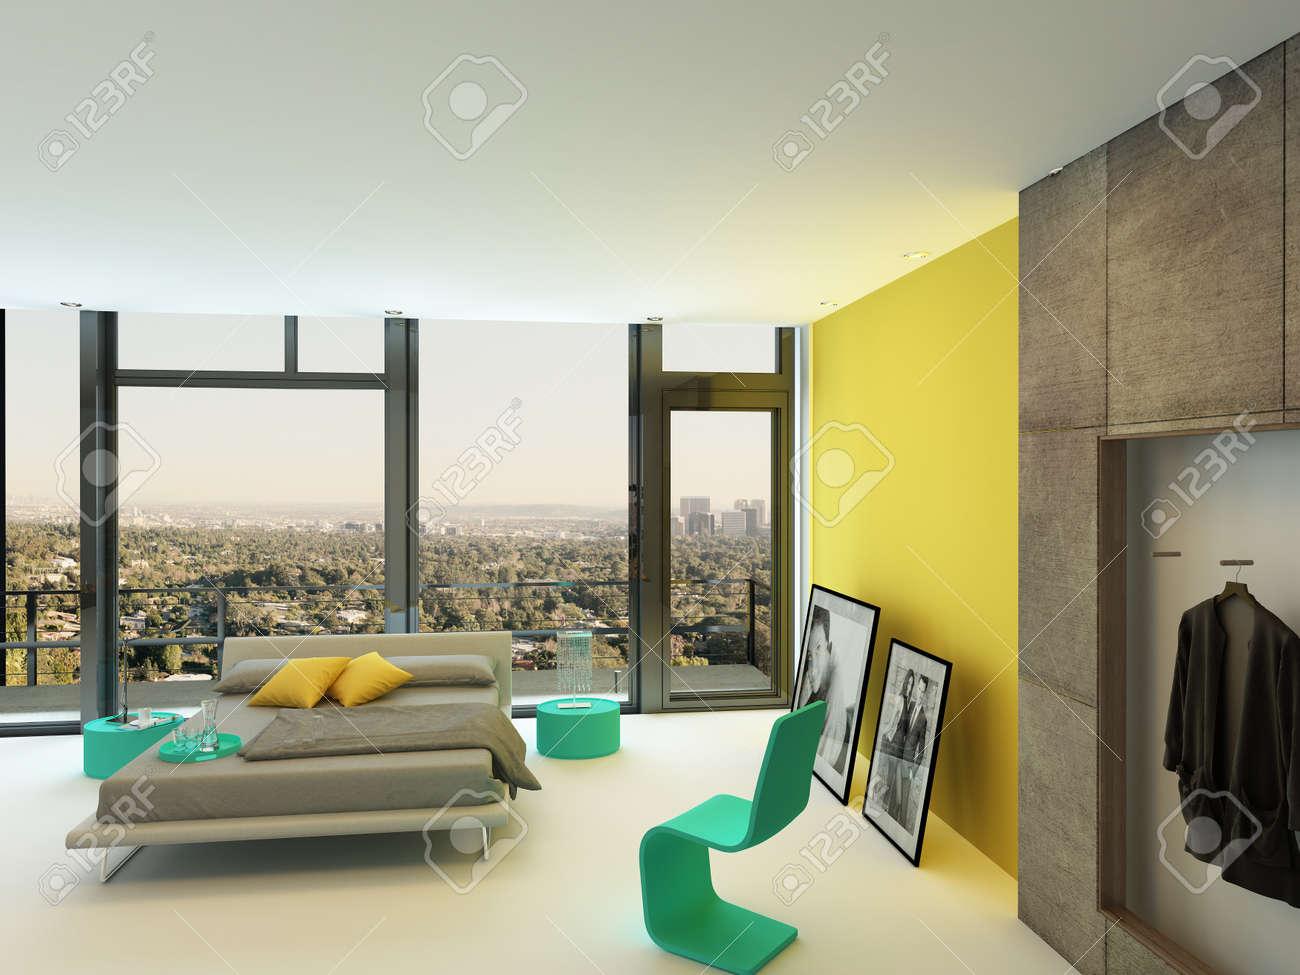 Geräumige Schlafzimmer Interieur Mit Bunten Gelben Wand Akzente, Türkis  Stuhl Und Schränke Und Eine Doppelschlafcouch